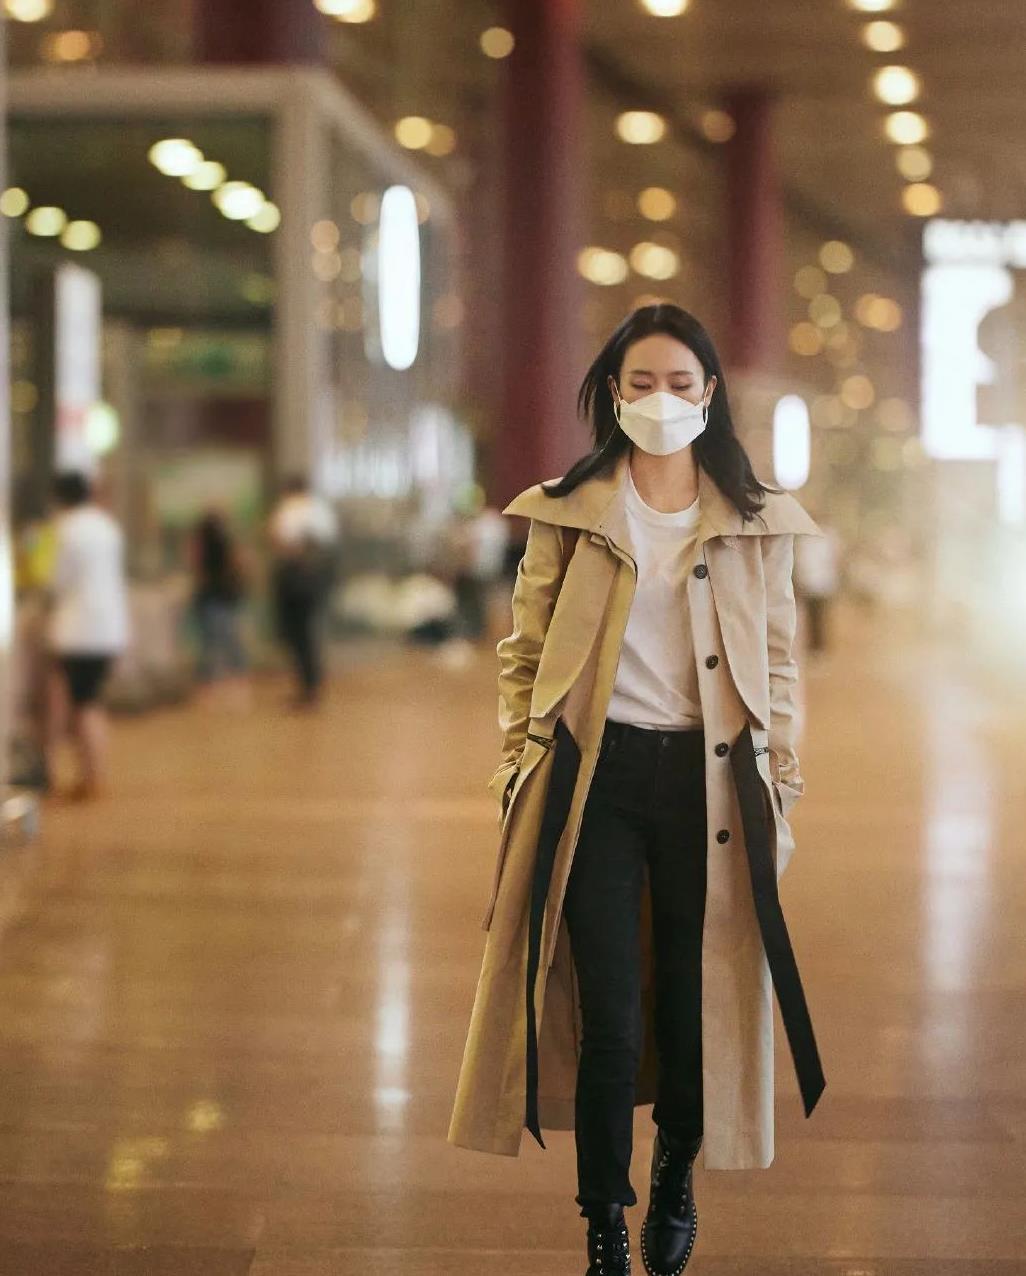 """童瑶现身机场,经典黑白配风衣太有型,网友:""""顾总""""精英范立现"""